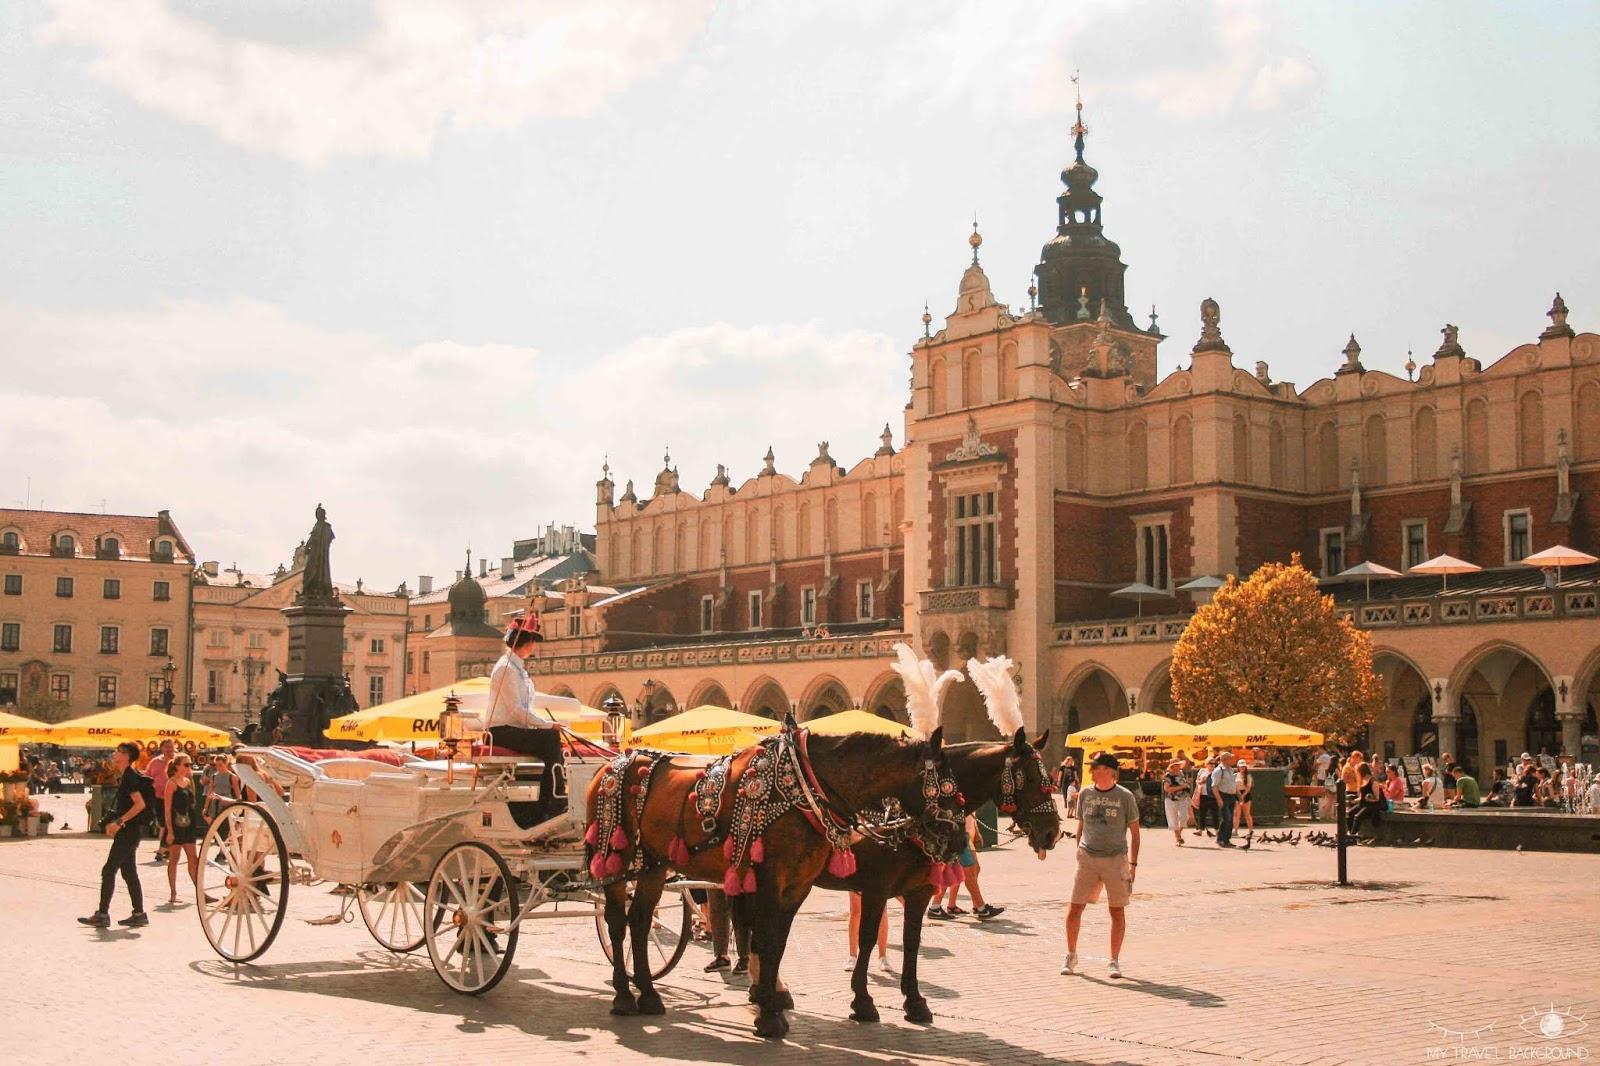 My Travel Background : Cracovie en Pologne, mon top 10 pour visiter la ville - Rynek Glowny, la place principale